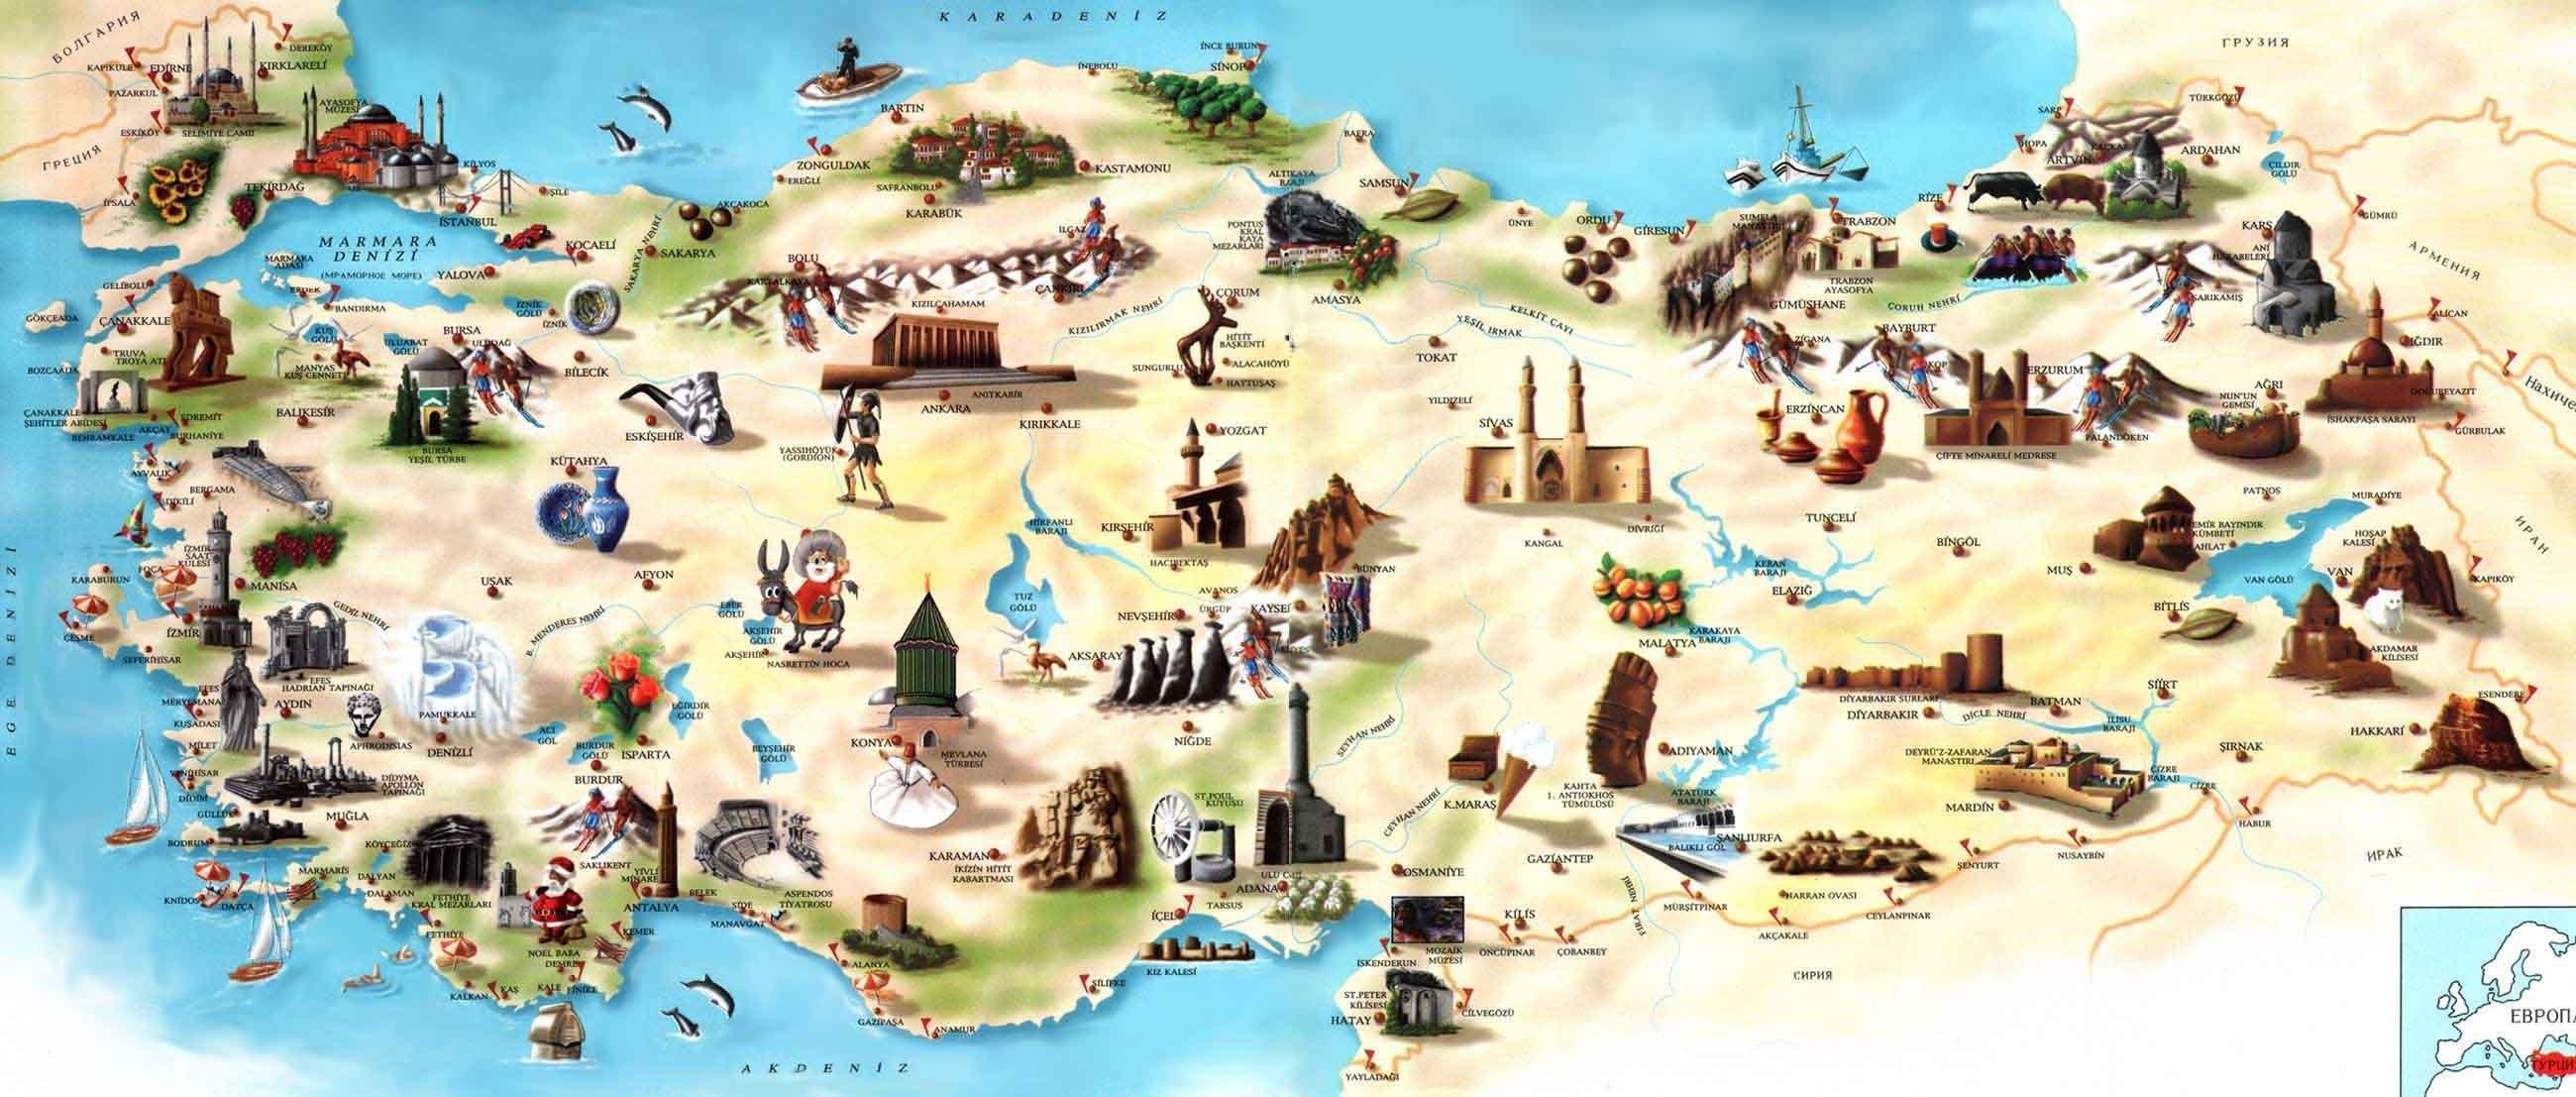 Turizm haritası örneği